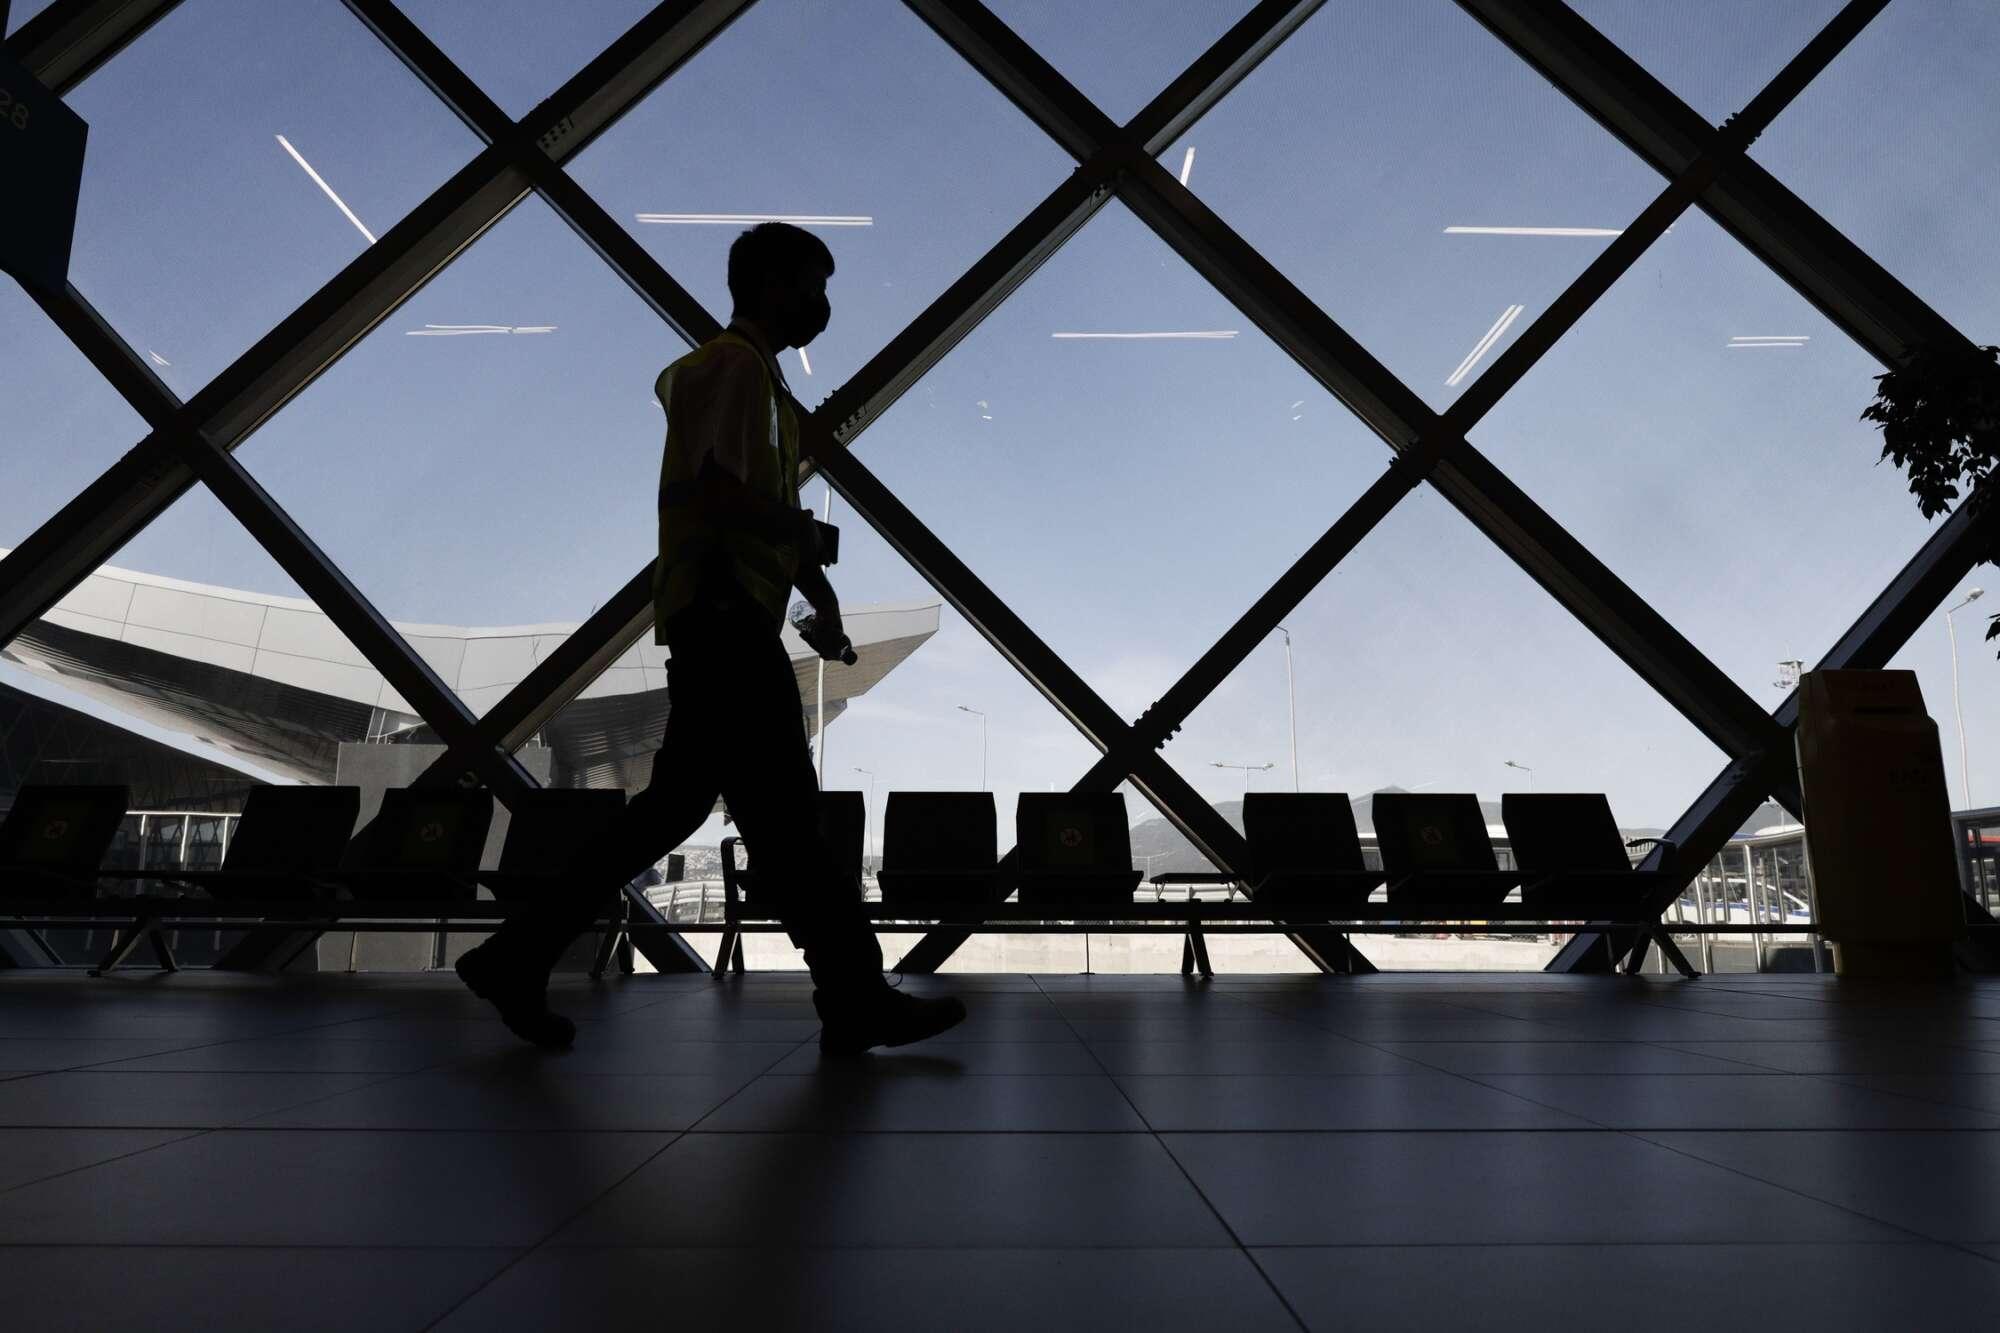 Φουτουριστικό σχέδιο με άπλετο φυσικό φως. Στις εγκαταστάσεις του αεροδρομίου Μακεδονία συμπεριλαμβάνονται όλες οι σύγχρονες παροχές που συναντά κανείς σε διεθνή αεροδρόμια